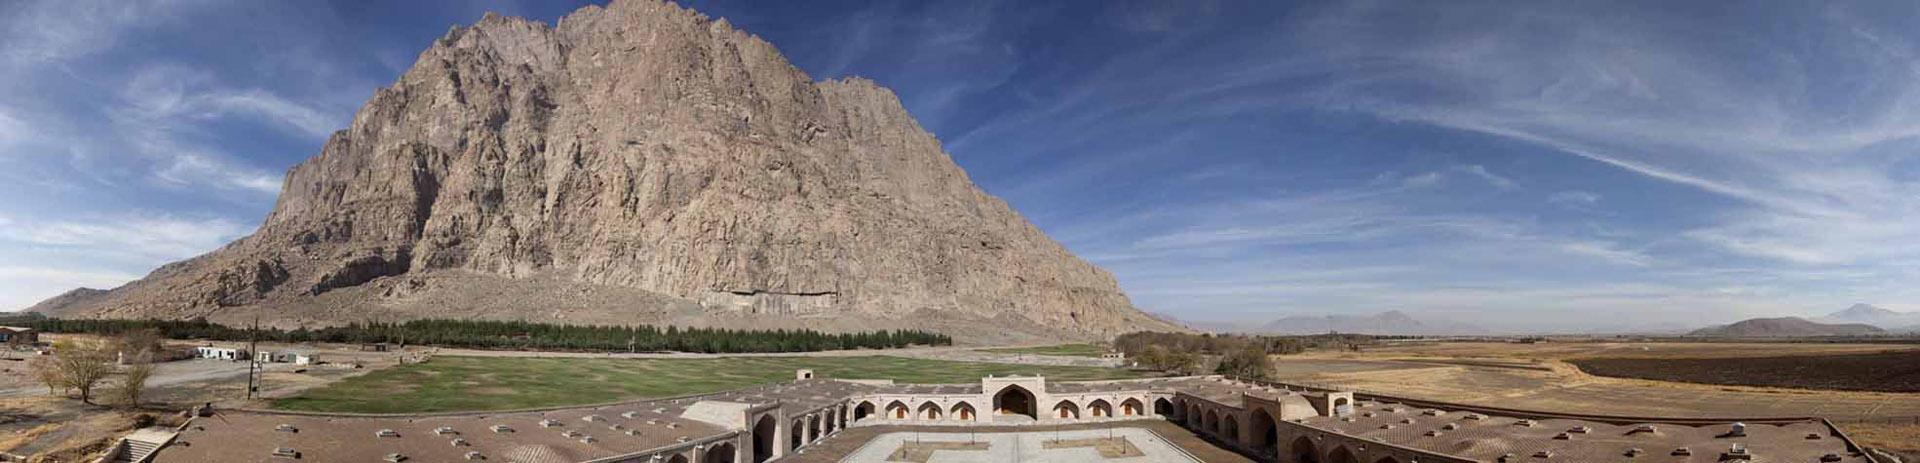 Mount Behistun-Kermanshah Province